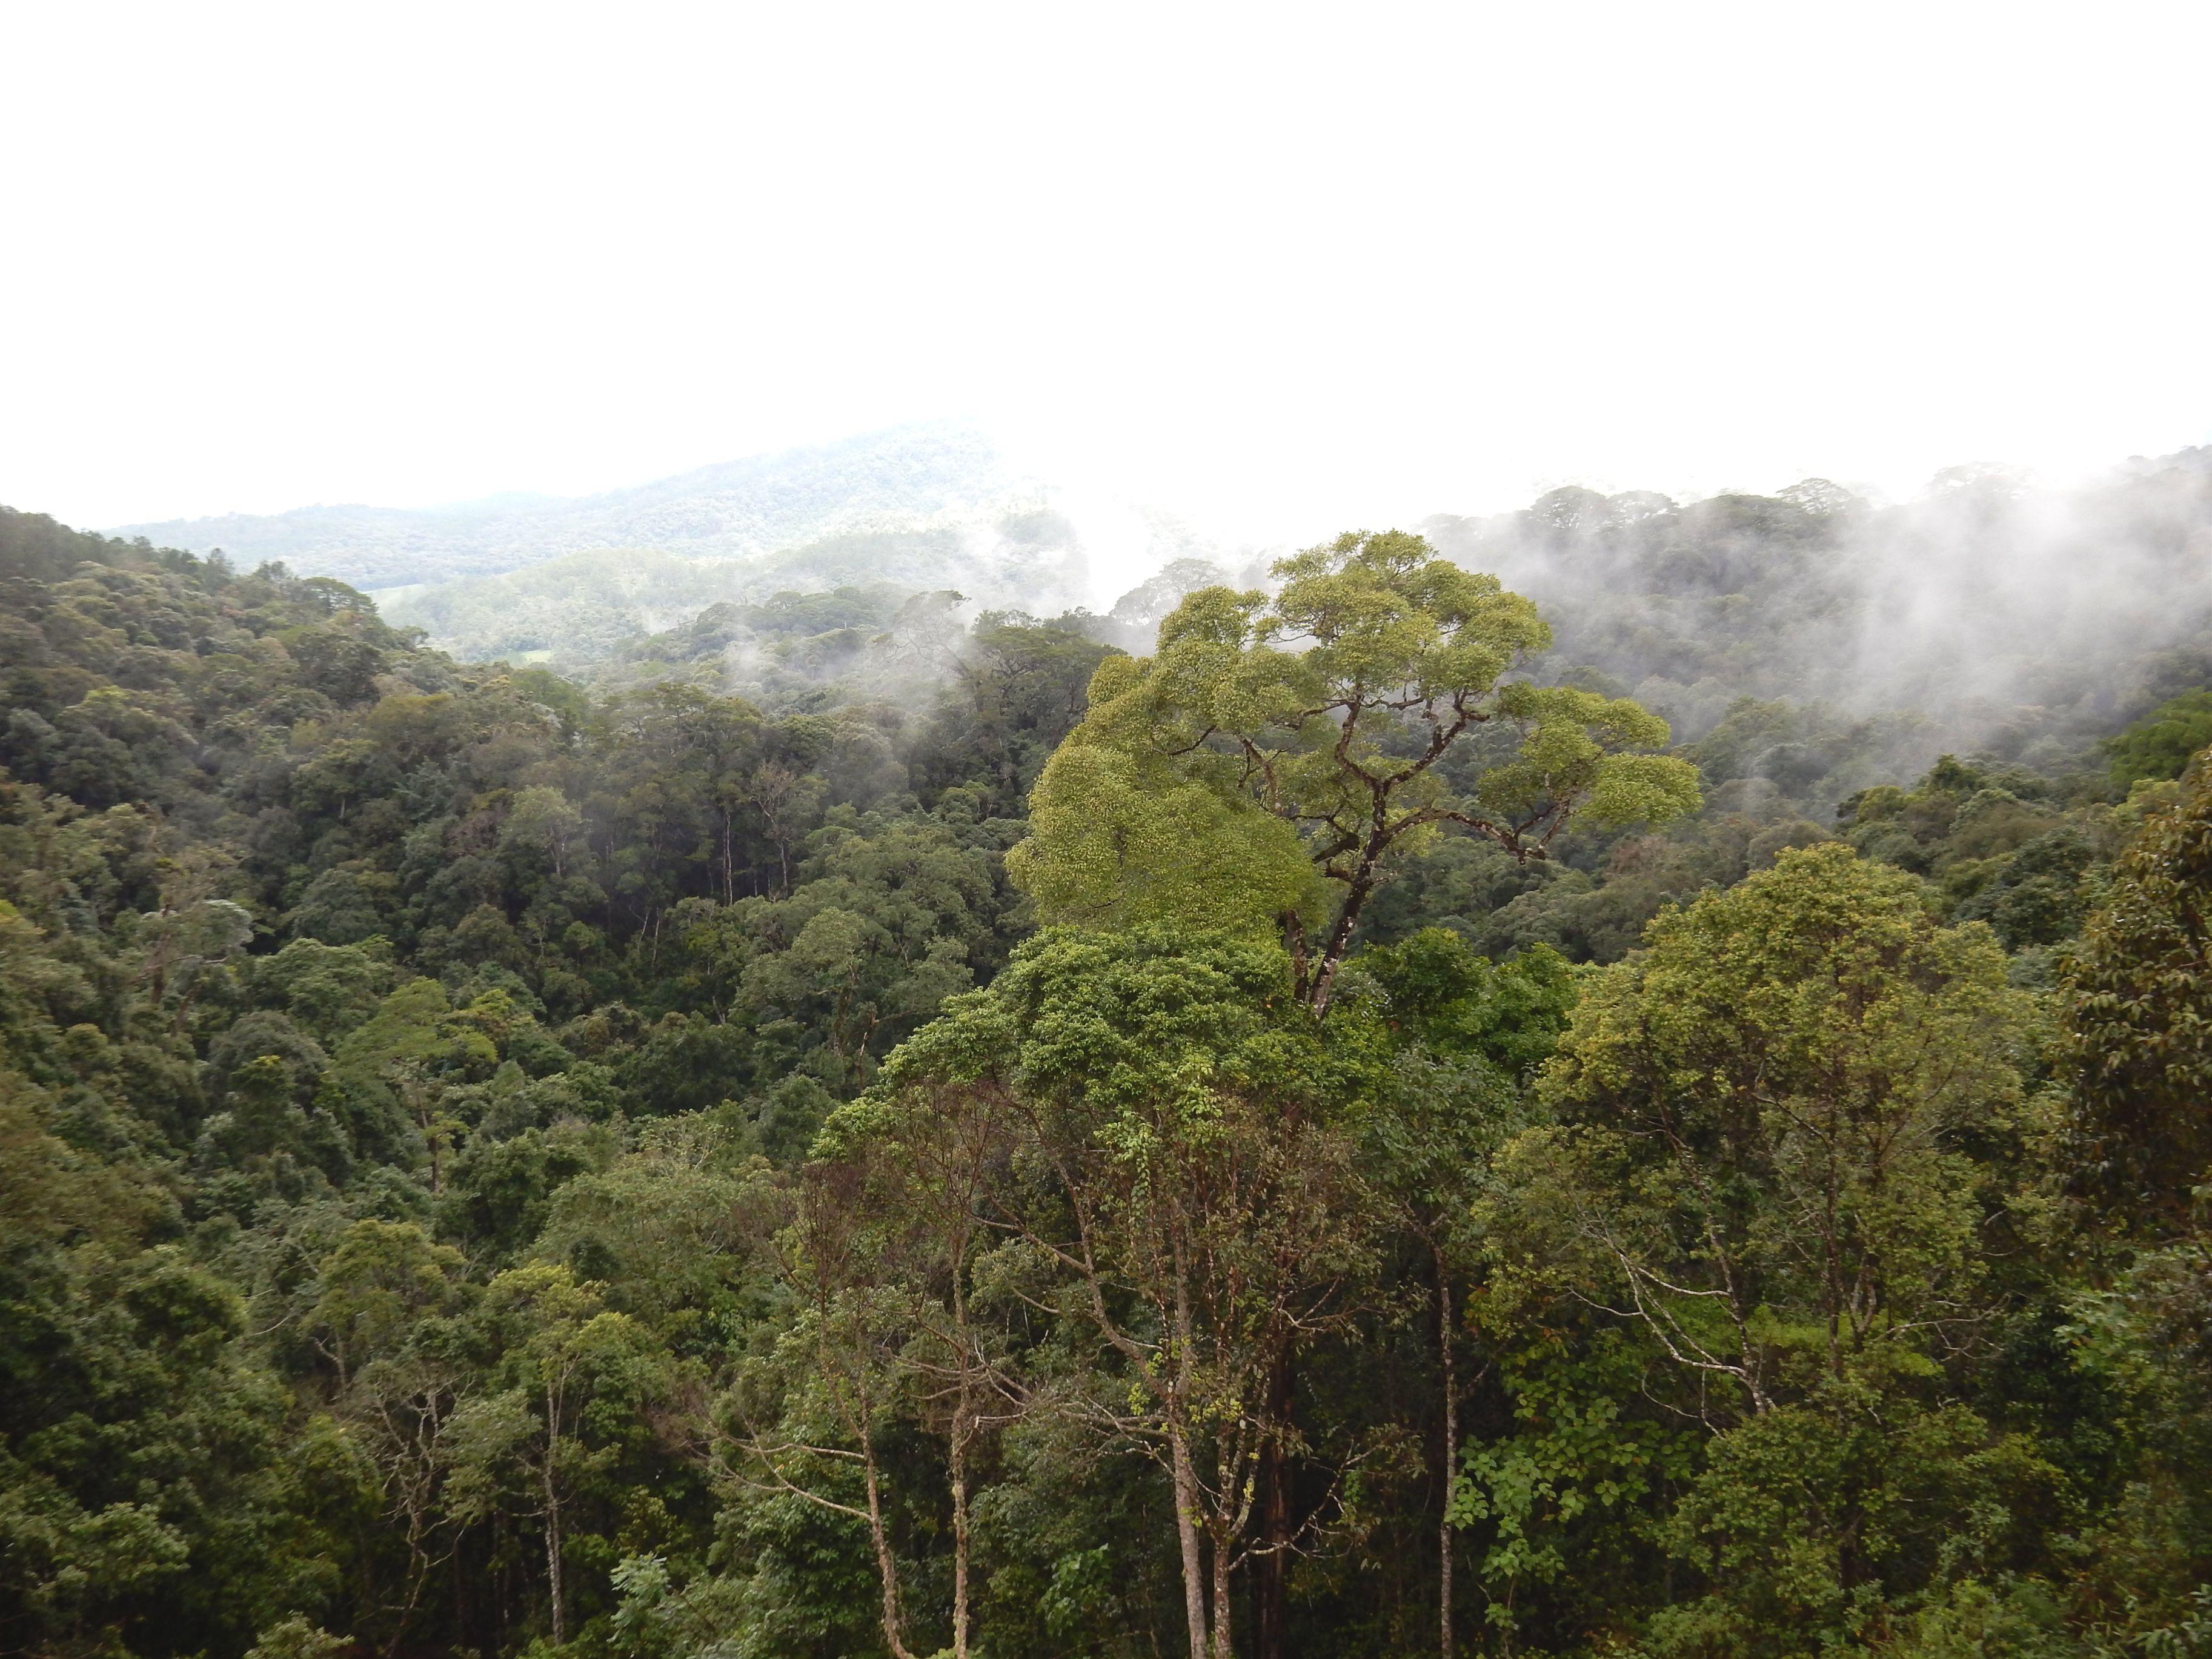 Vietnam forested landscape